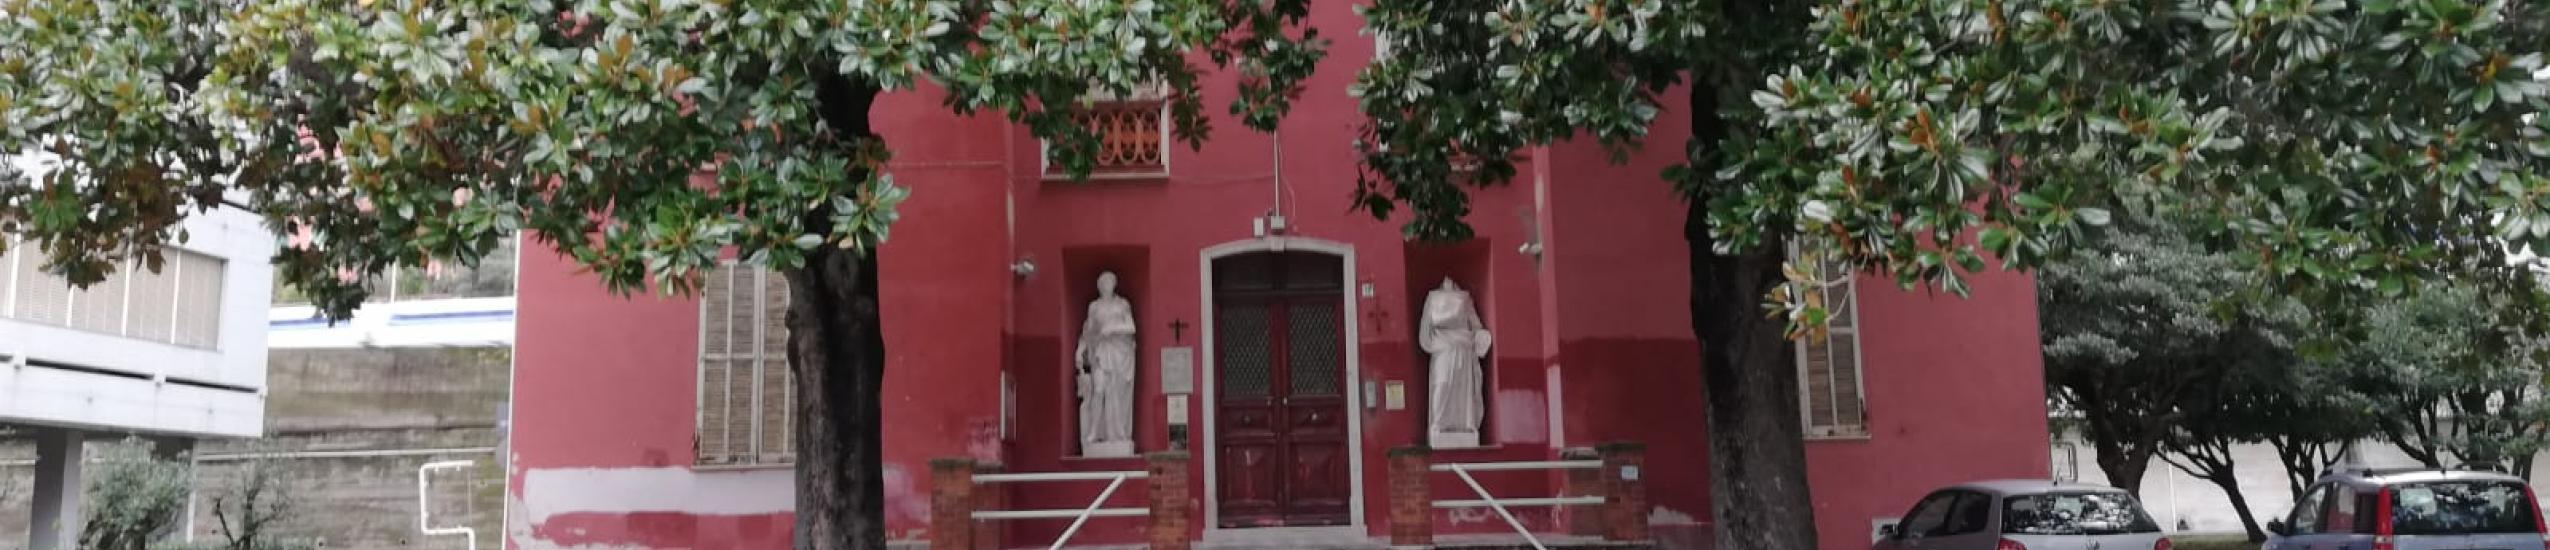 Esterno della biblioteca, Villa Nasturzio